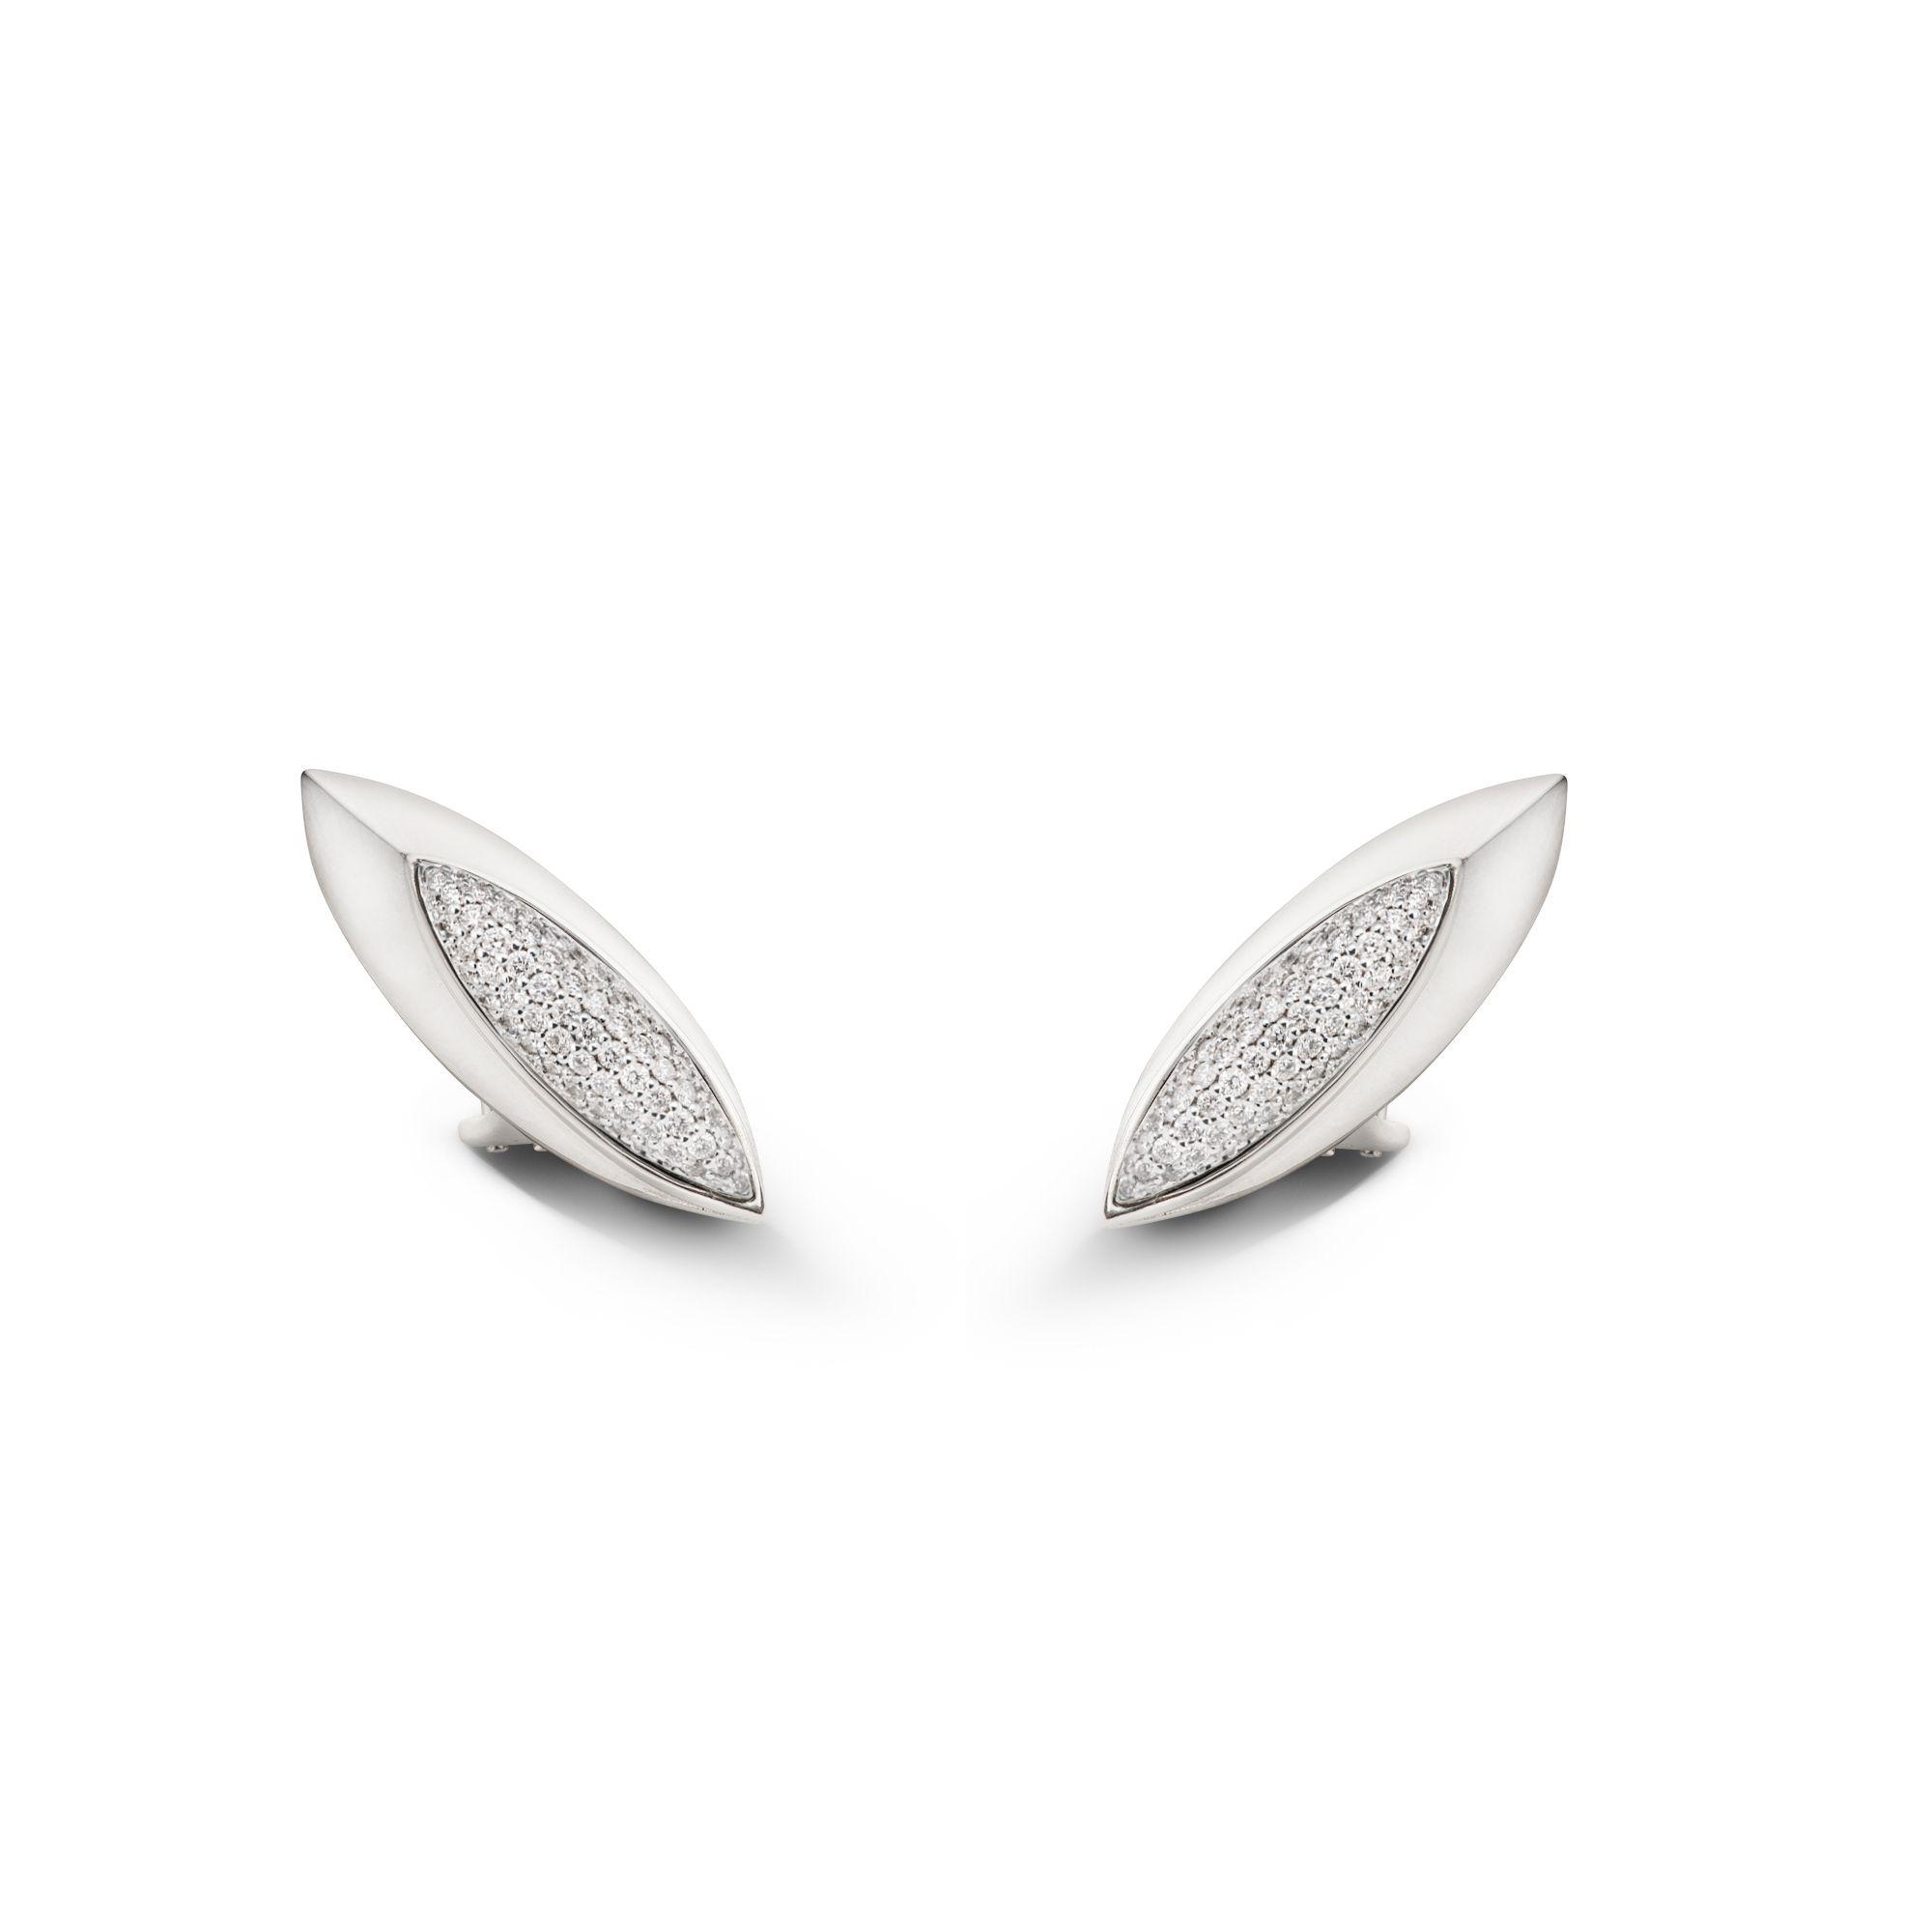 Orecchini scudo 'Aurum' con diamanti Orecchini in oro bianco e pavé di diamanti